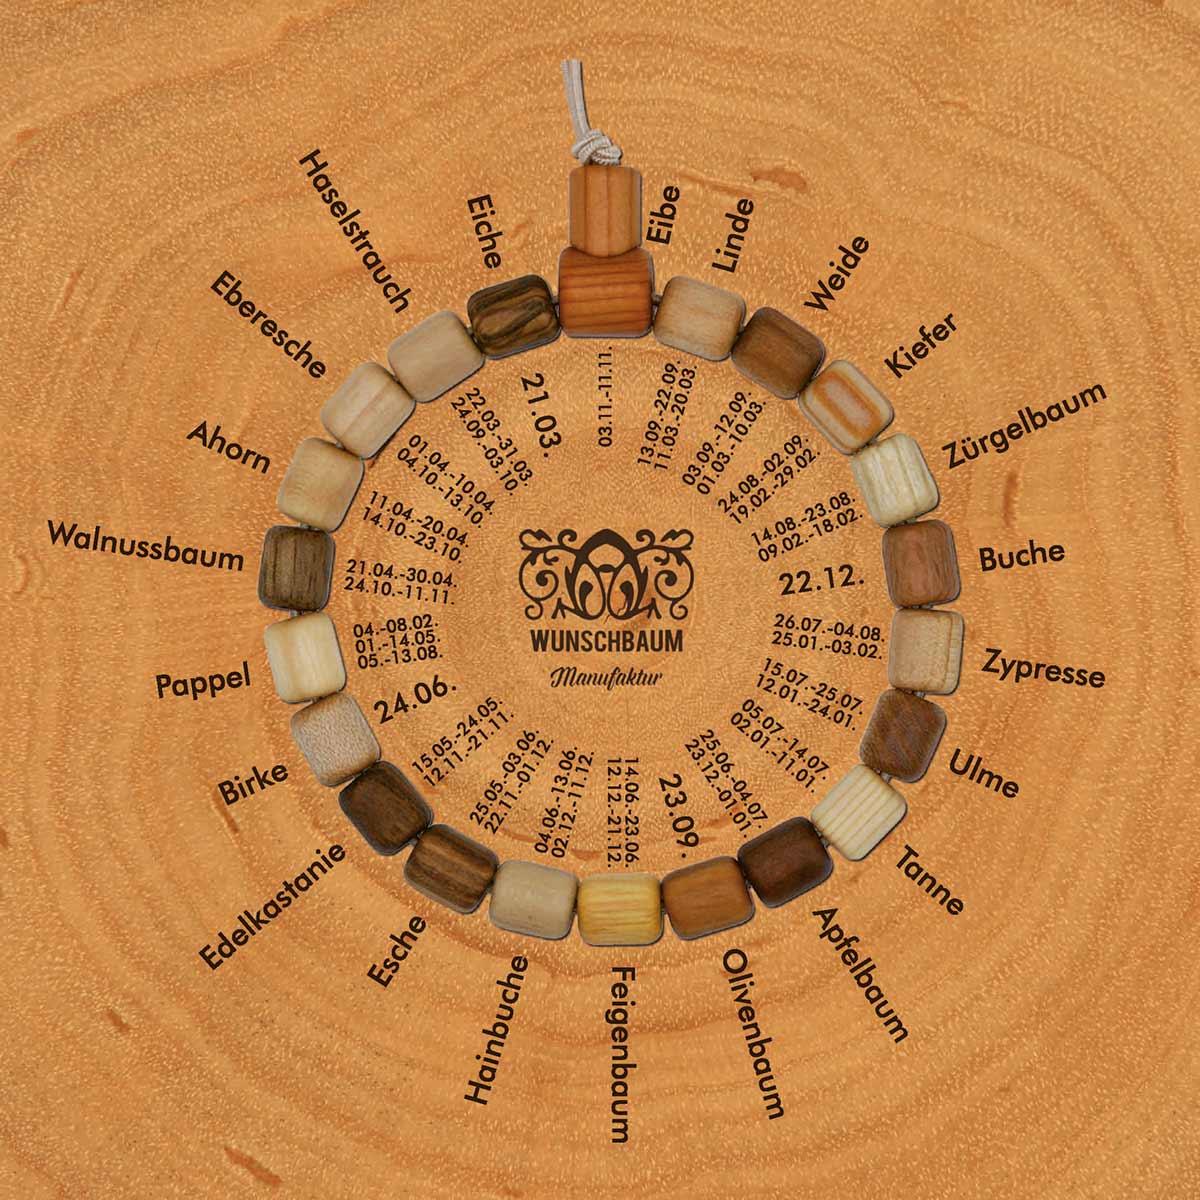 Wunschbaum-Manufaktur: Baumkreis-Armband mit Lebensbaum-/Geburtstag-Zuordnungen nach keltischem Baumkalender